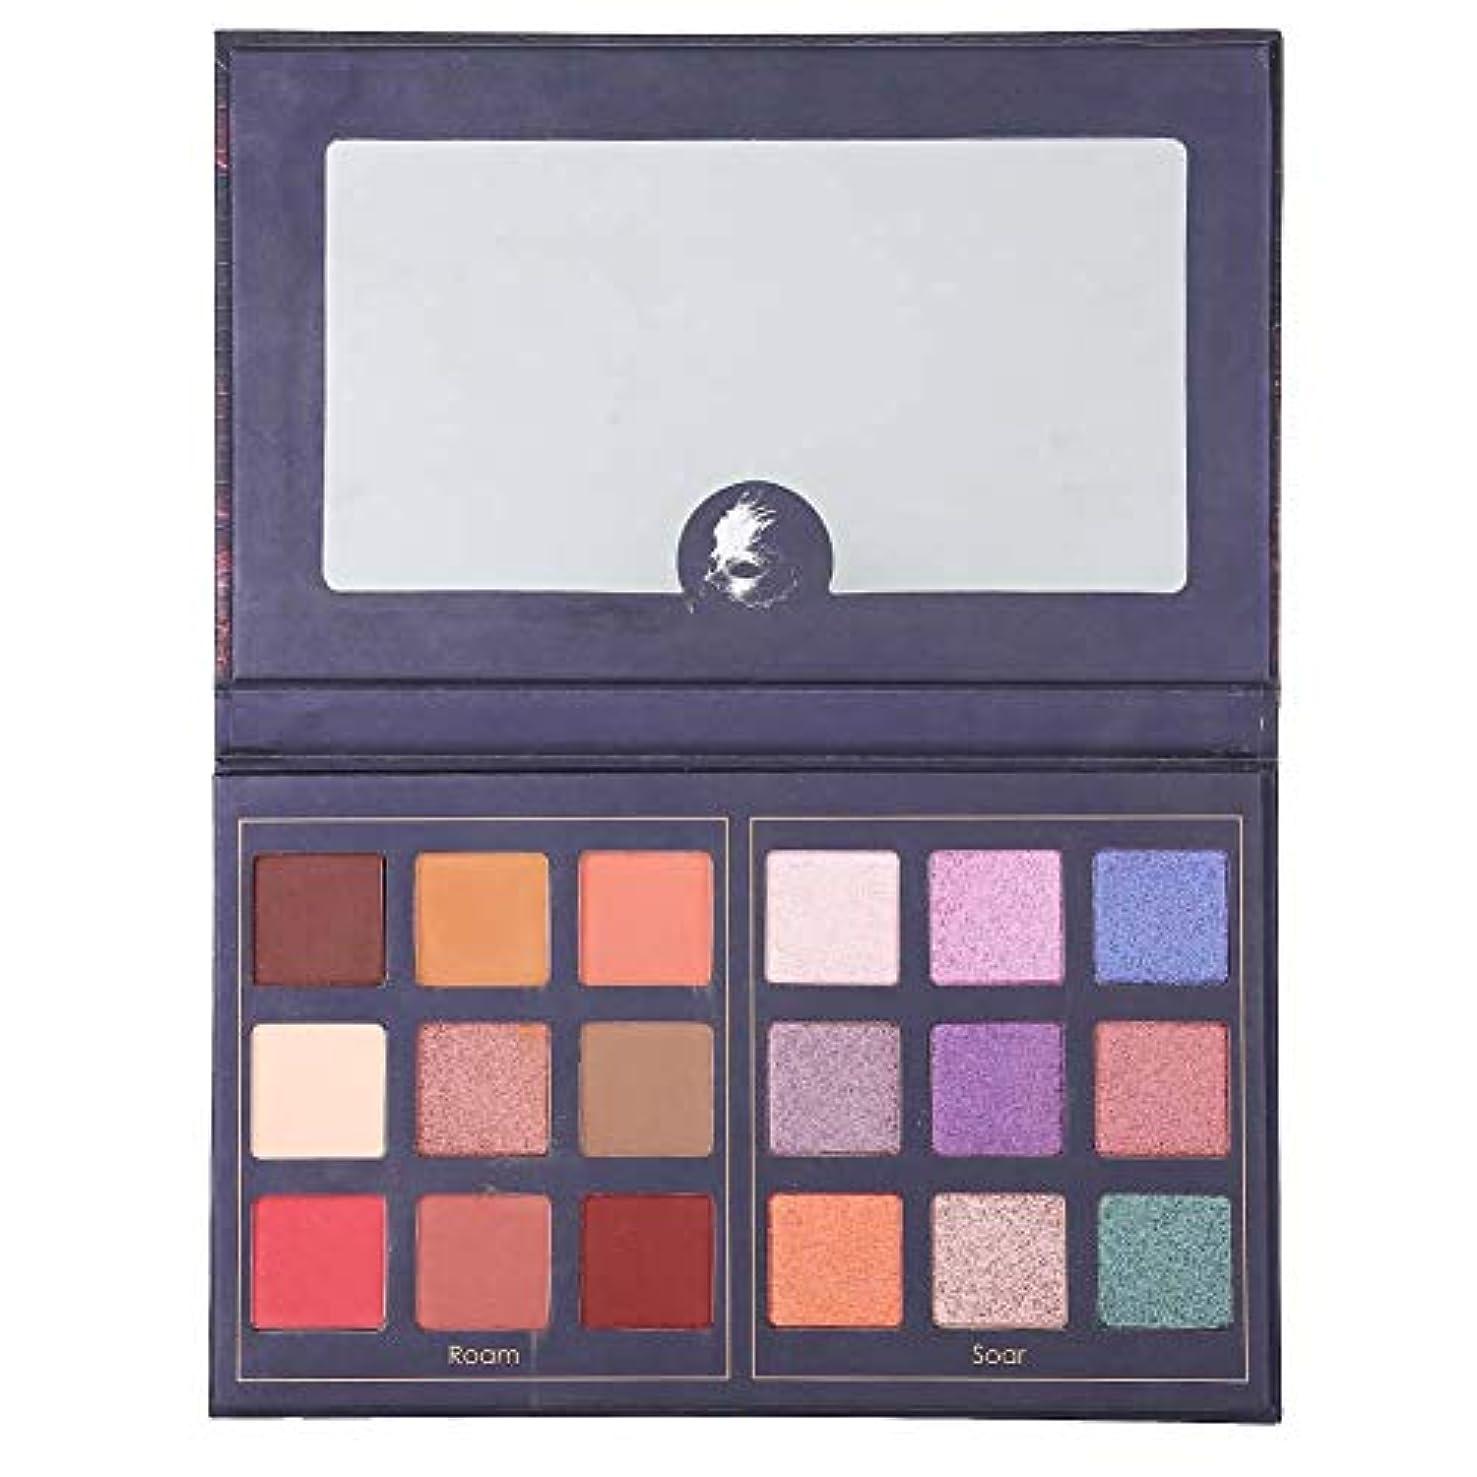 投資マルクス主義塊アイシャドウパレットグリッター 18色 美しい 化粧品アイシャドウ化粧パウダー